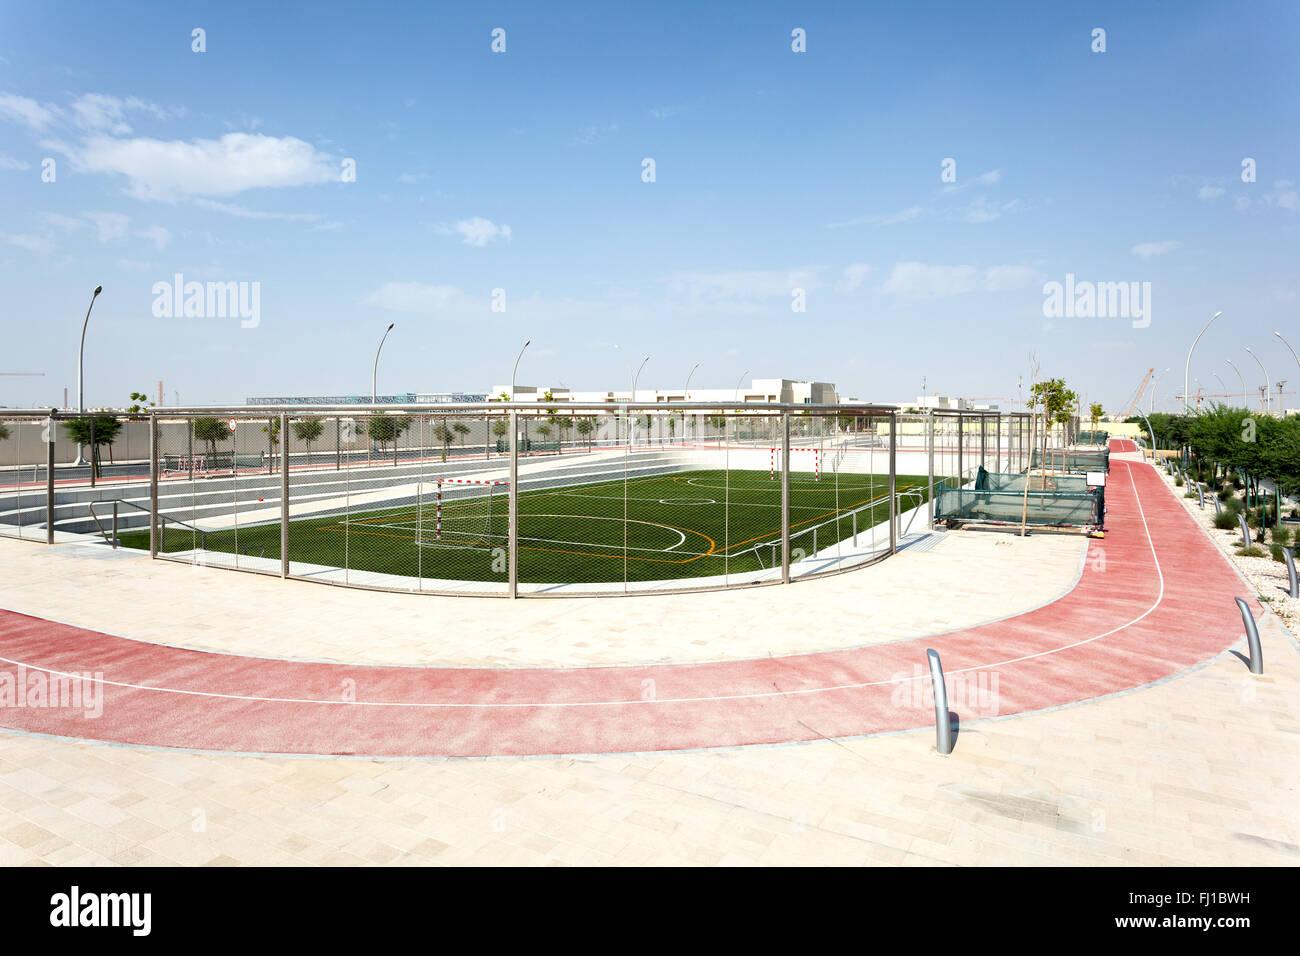 Impianti sportivi a Doha, in Qatar Immagini Stock